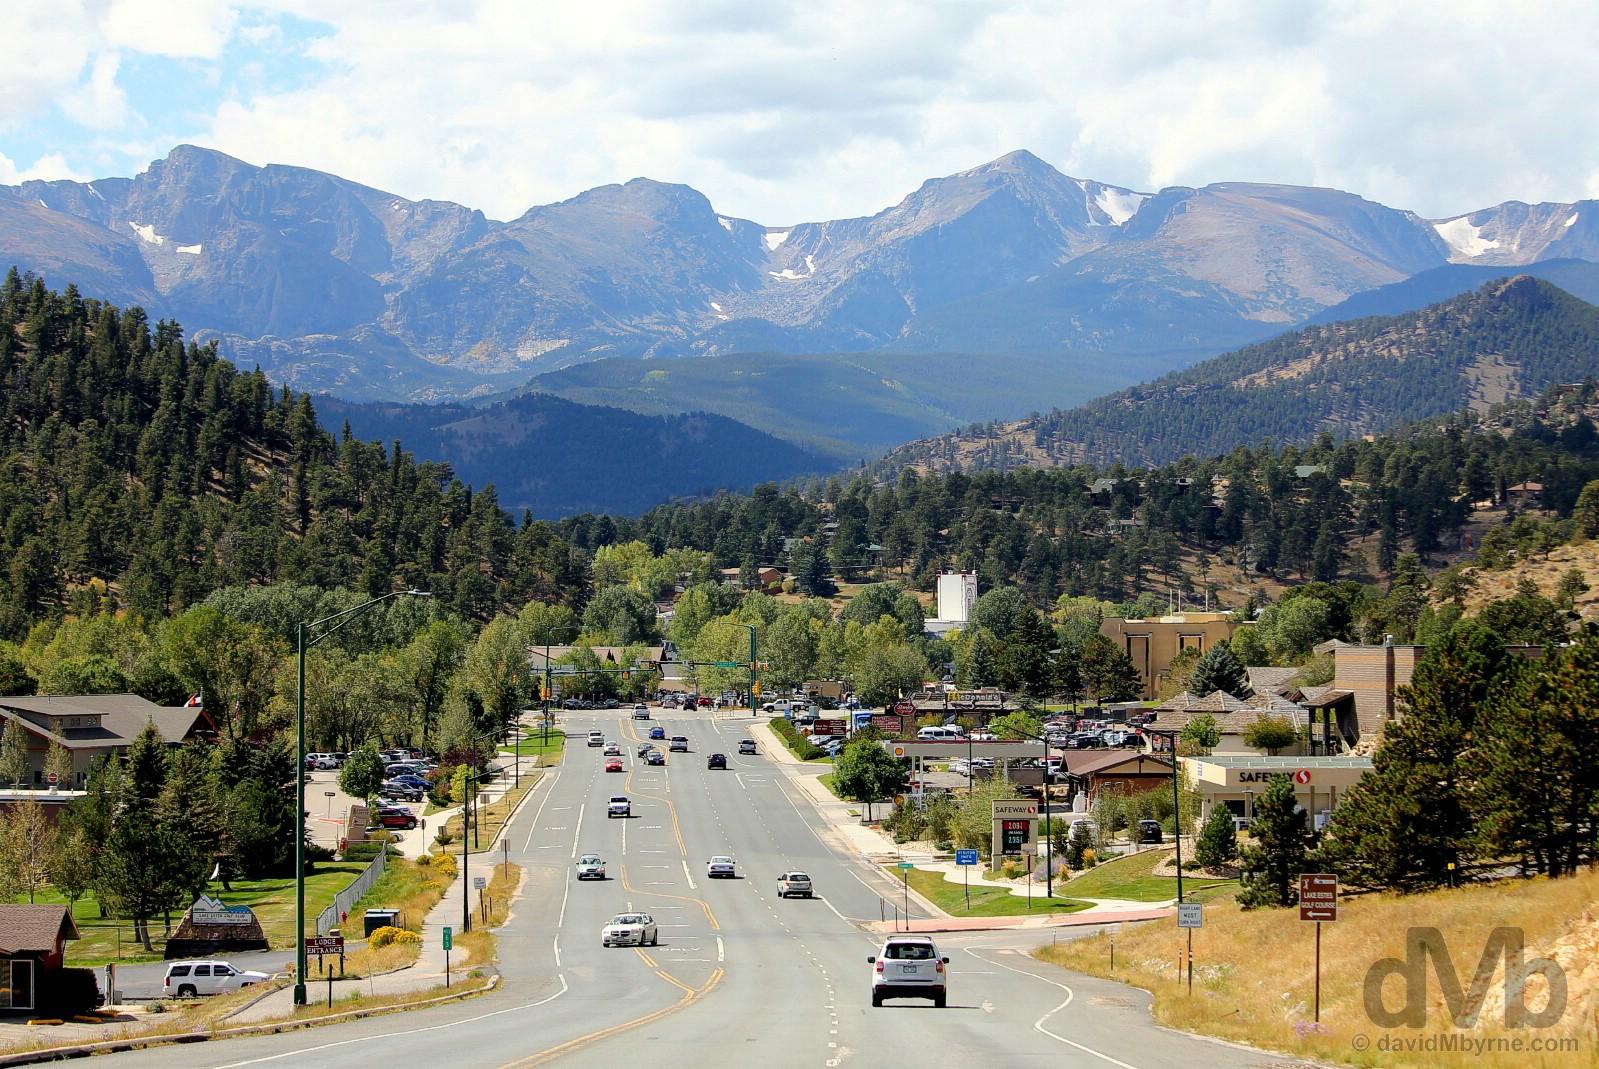 Estes Park, north-central Colorado, USA. September 14, 2016.